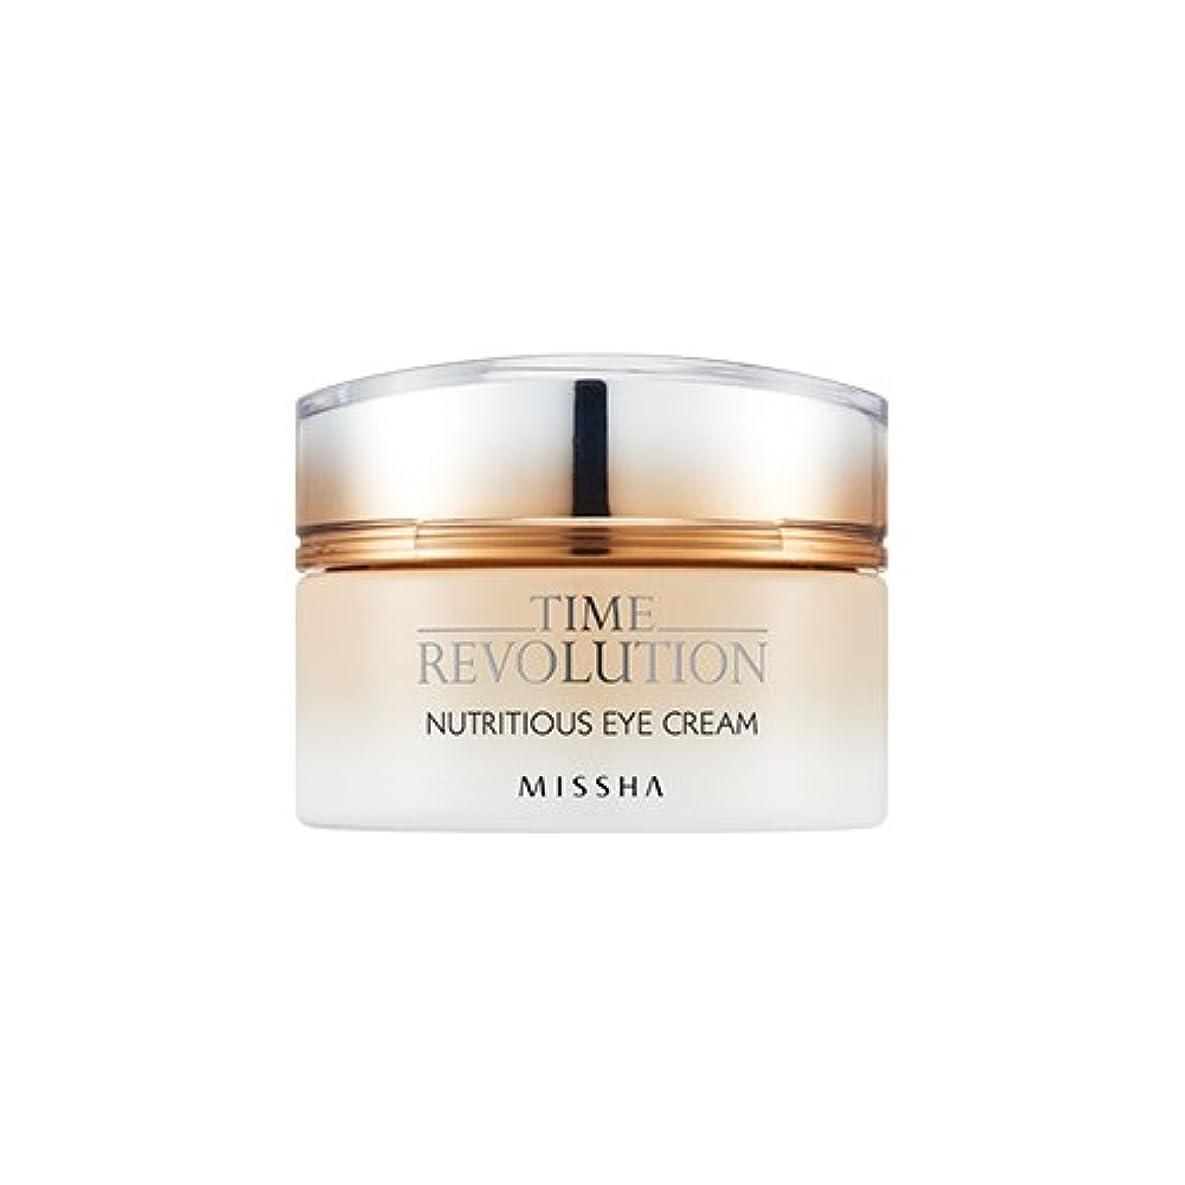 高価な好意的海港[New] MISSHA Time Revolution Nutritious Eye Cream 25ml/ミシャ タイム レボリューション ニュートリシャス アイクリーム 25ml [並行輸入品]